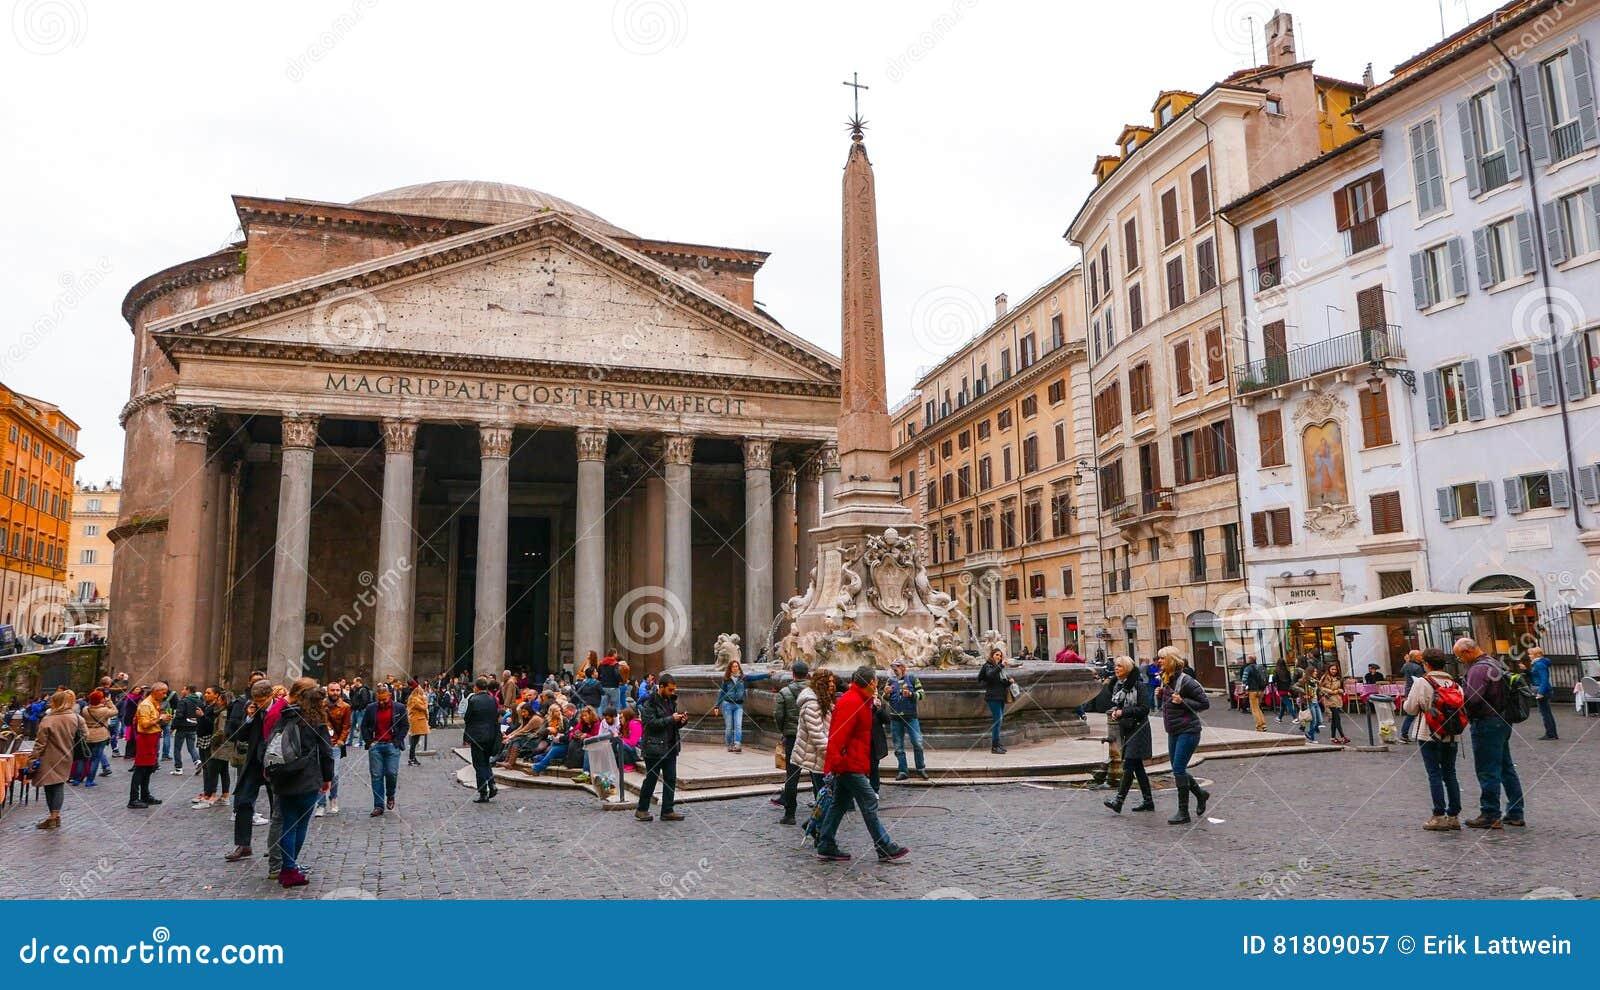 Посетители на пантеоне в Риме - важной туристической достопримечательности